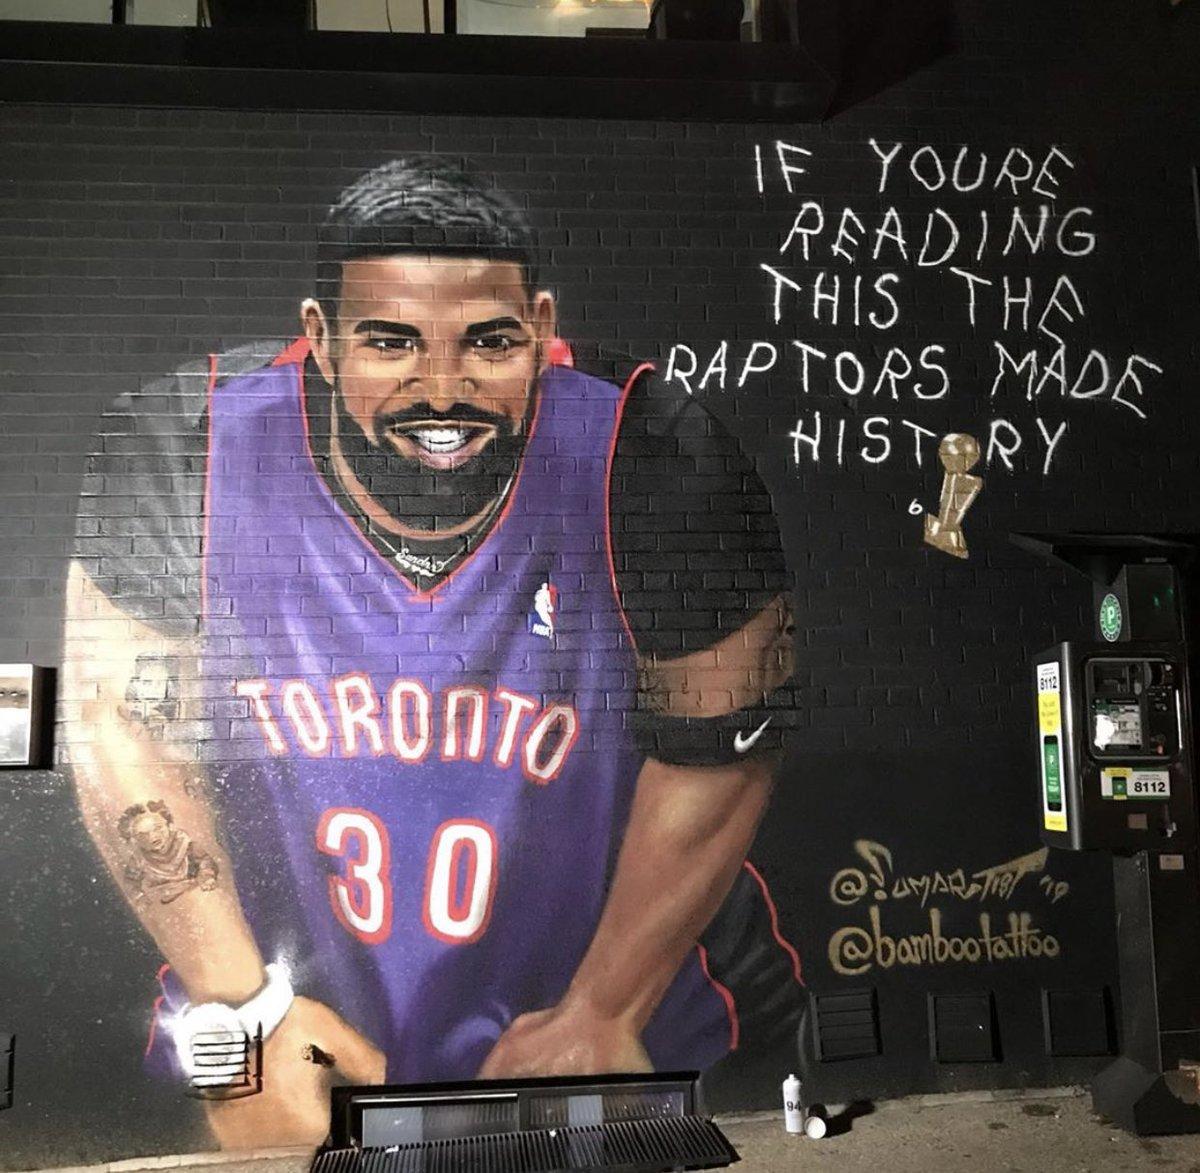 Drake and Raptors mural in Toronto 🖌#NBAChampions